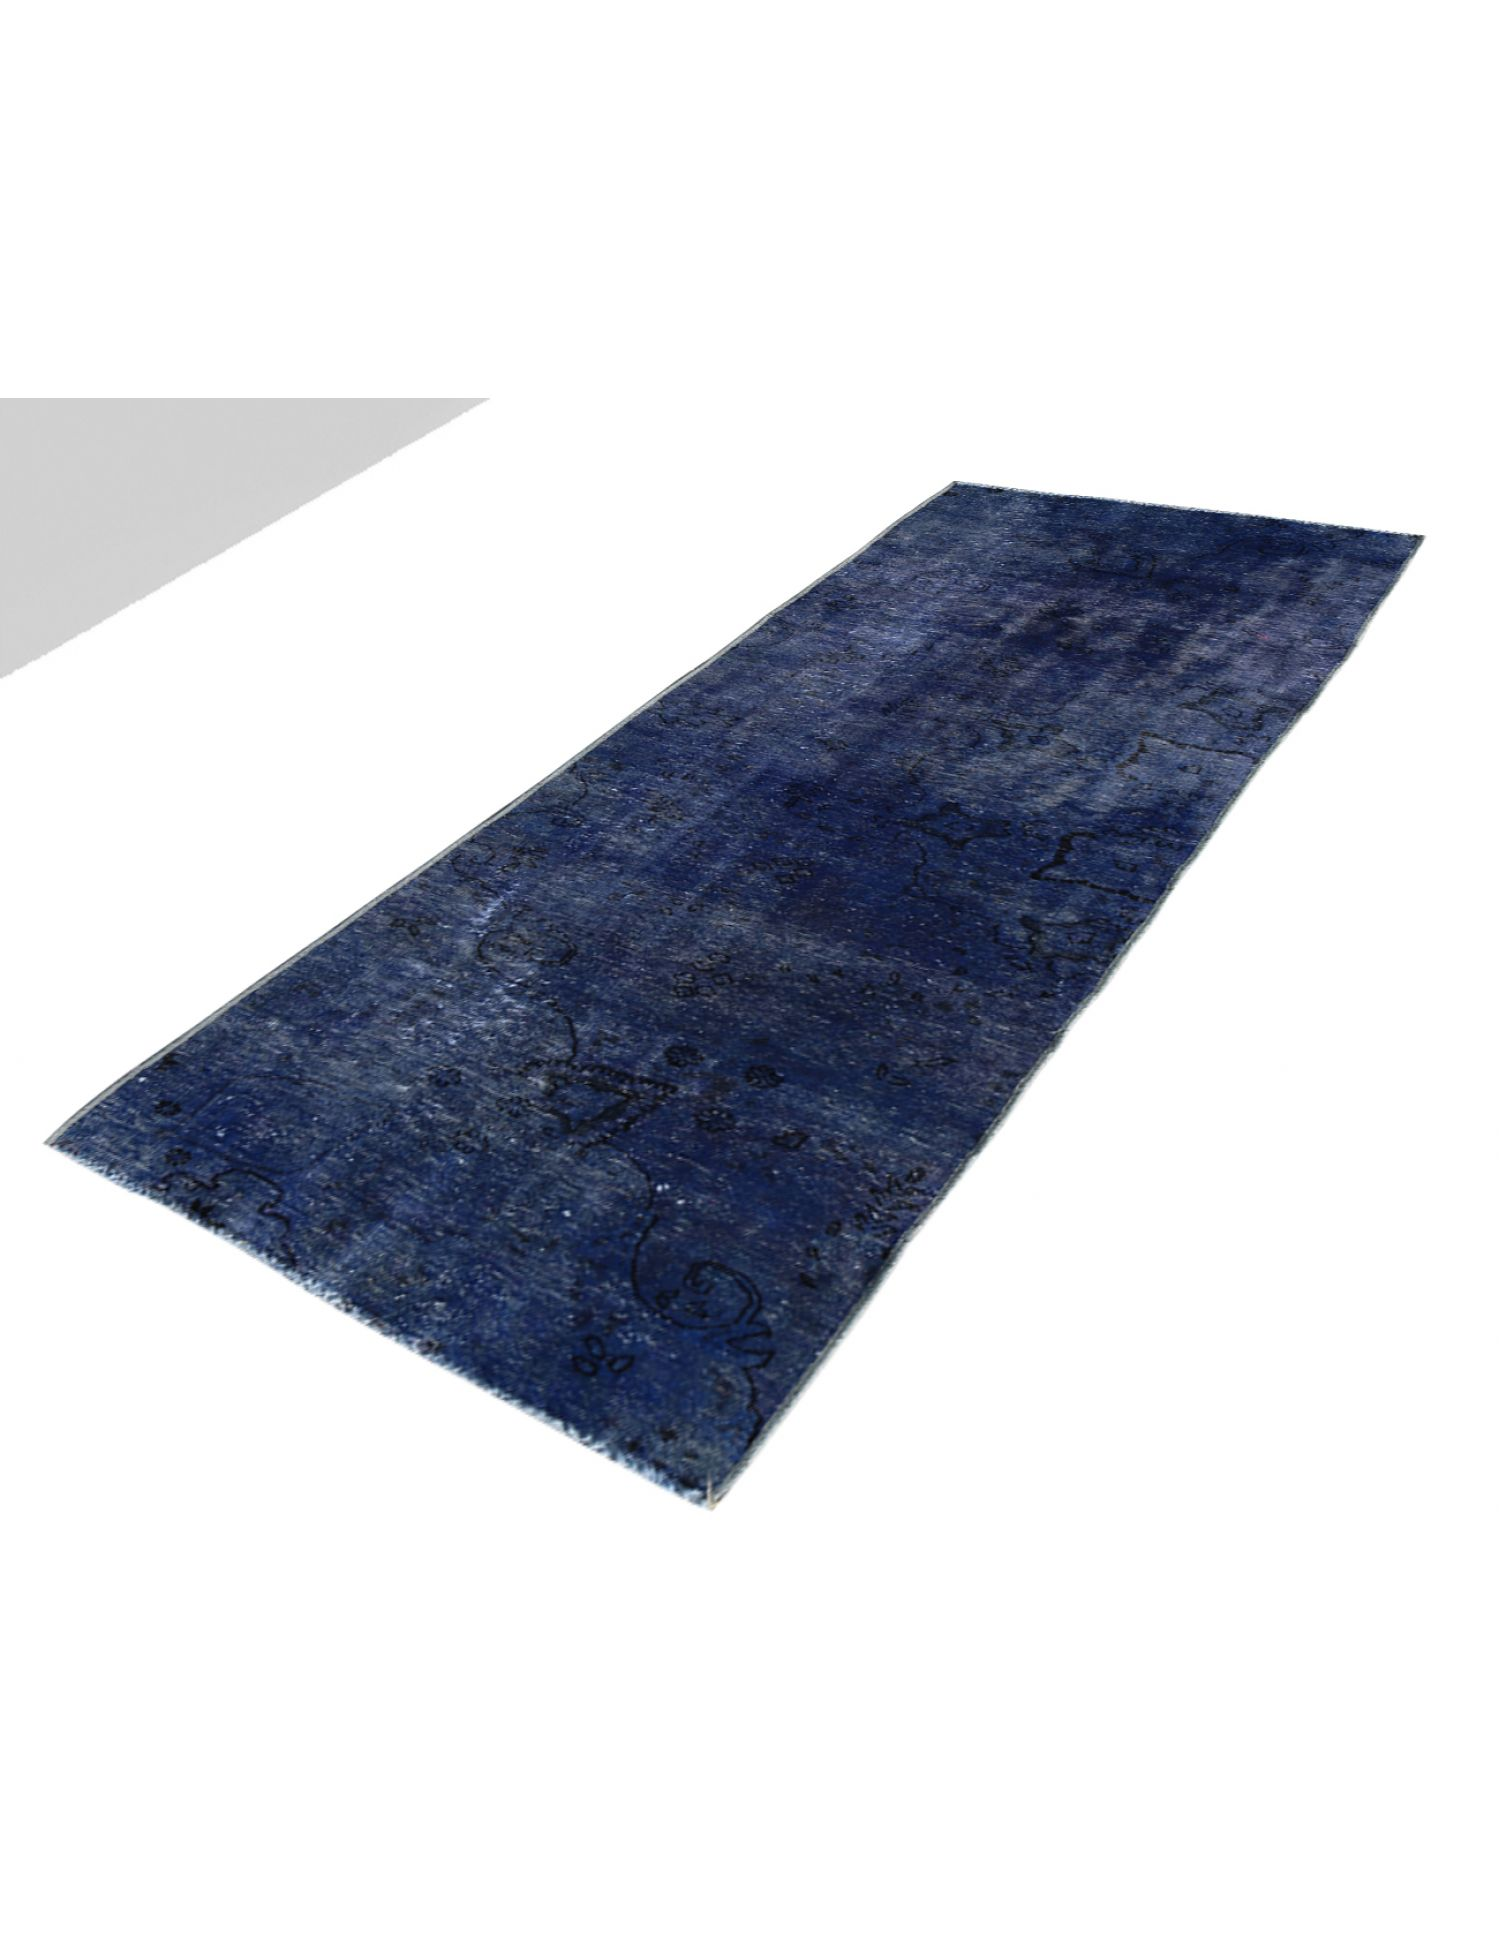 Vintage Teppich  blau <br/>279 x 83 cm